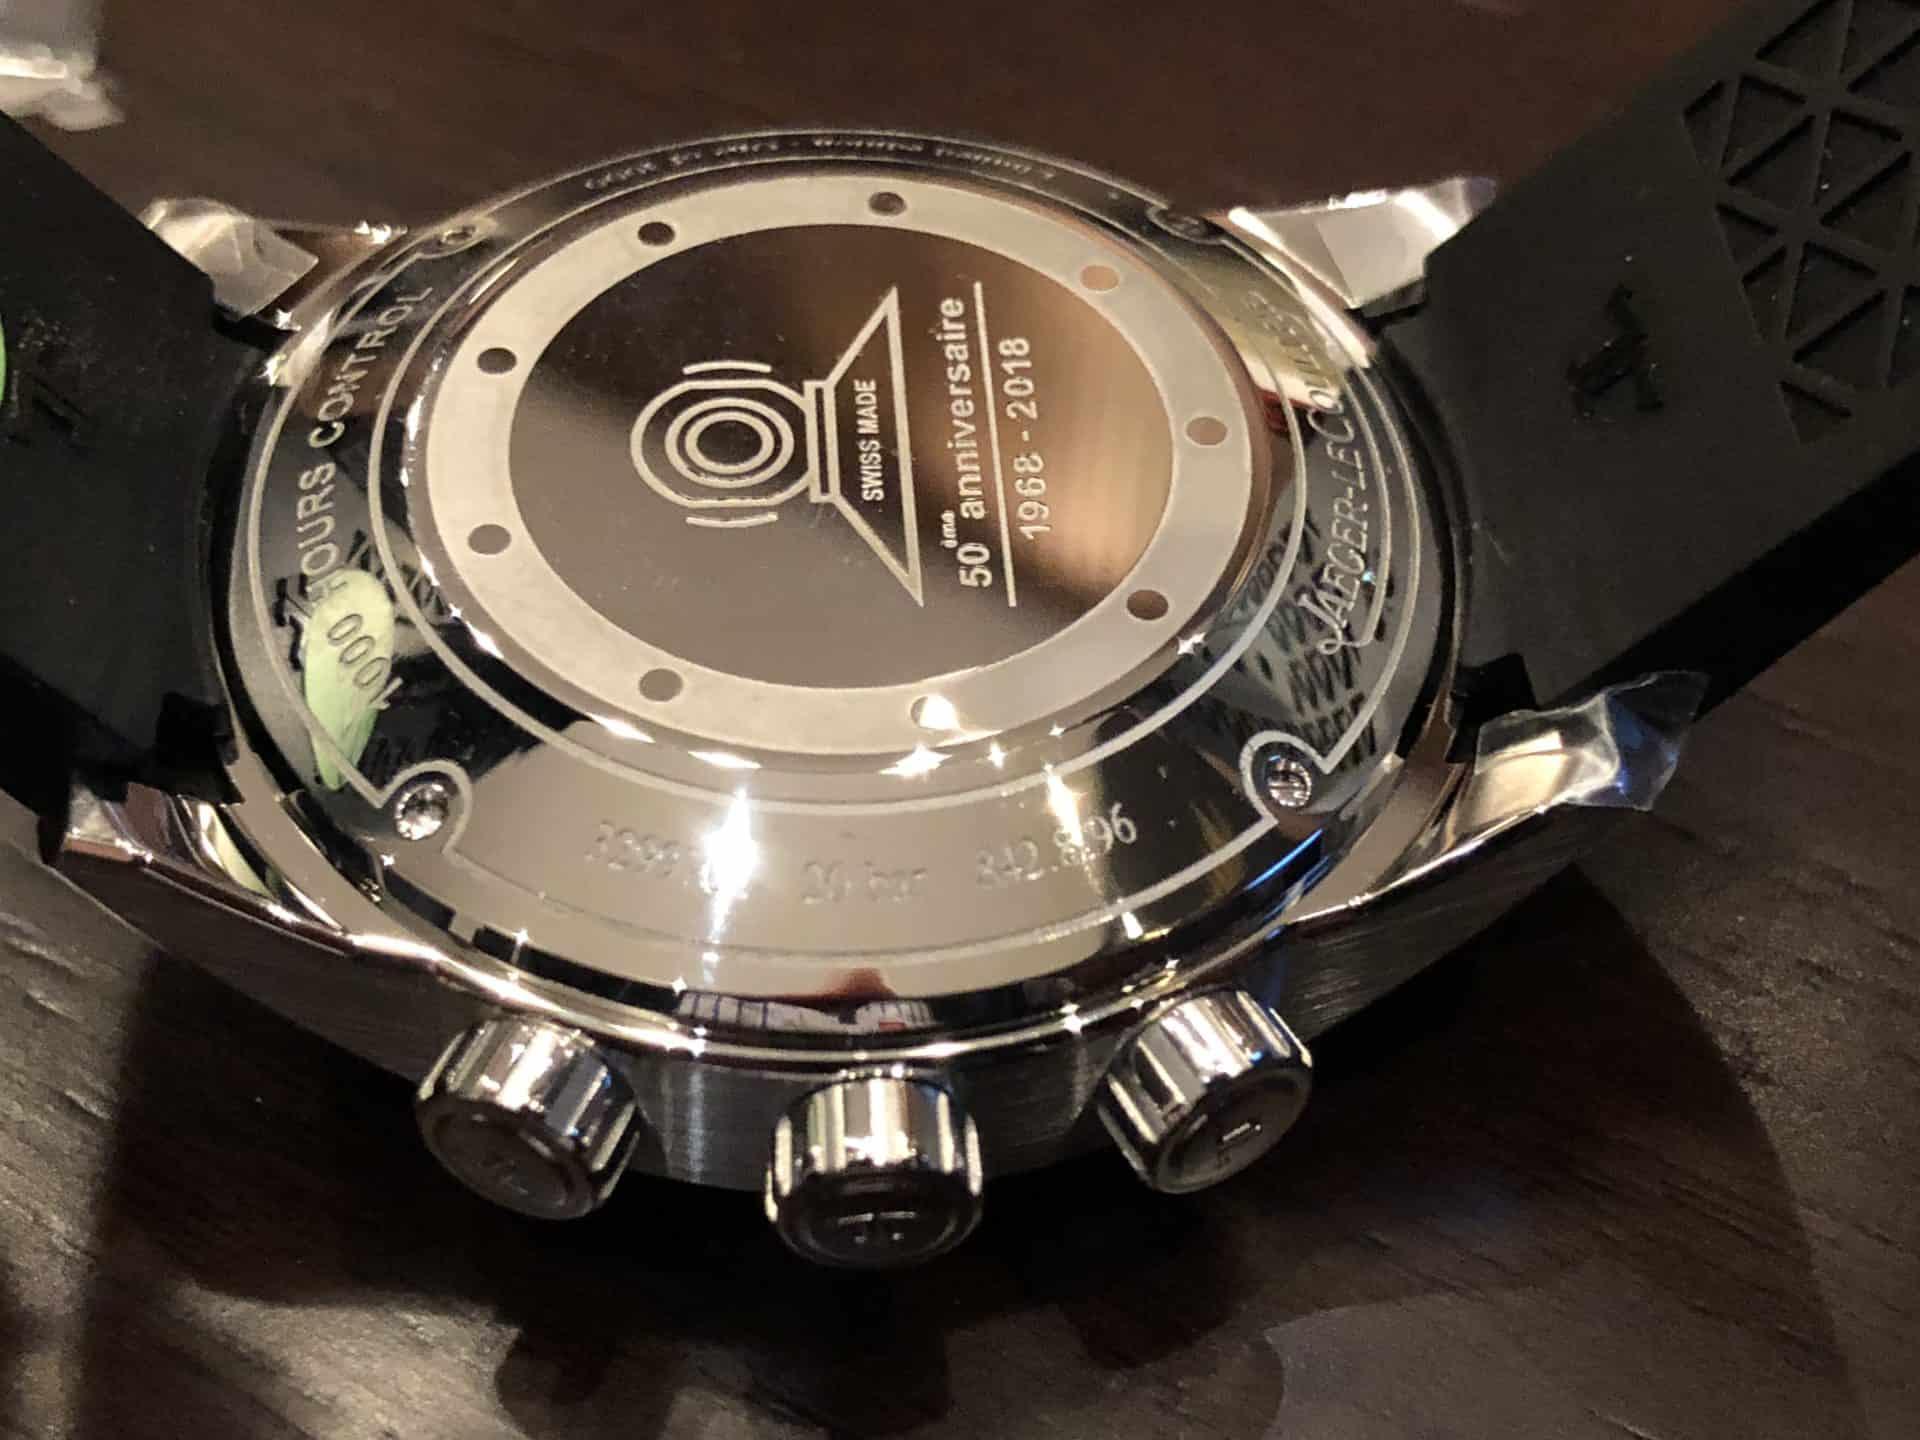 Eine neuaufgelegte Jaeger-LeCoultre Uhr Memovox Polaris. Der Anlass des 50. Jubiläums der Uhr ist auf dem Stahlboden eingraviert